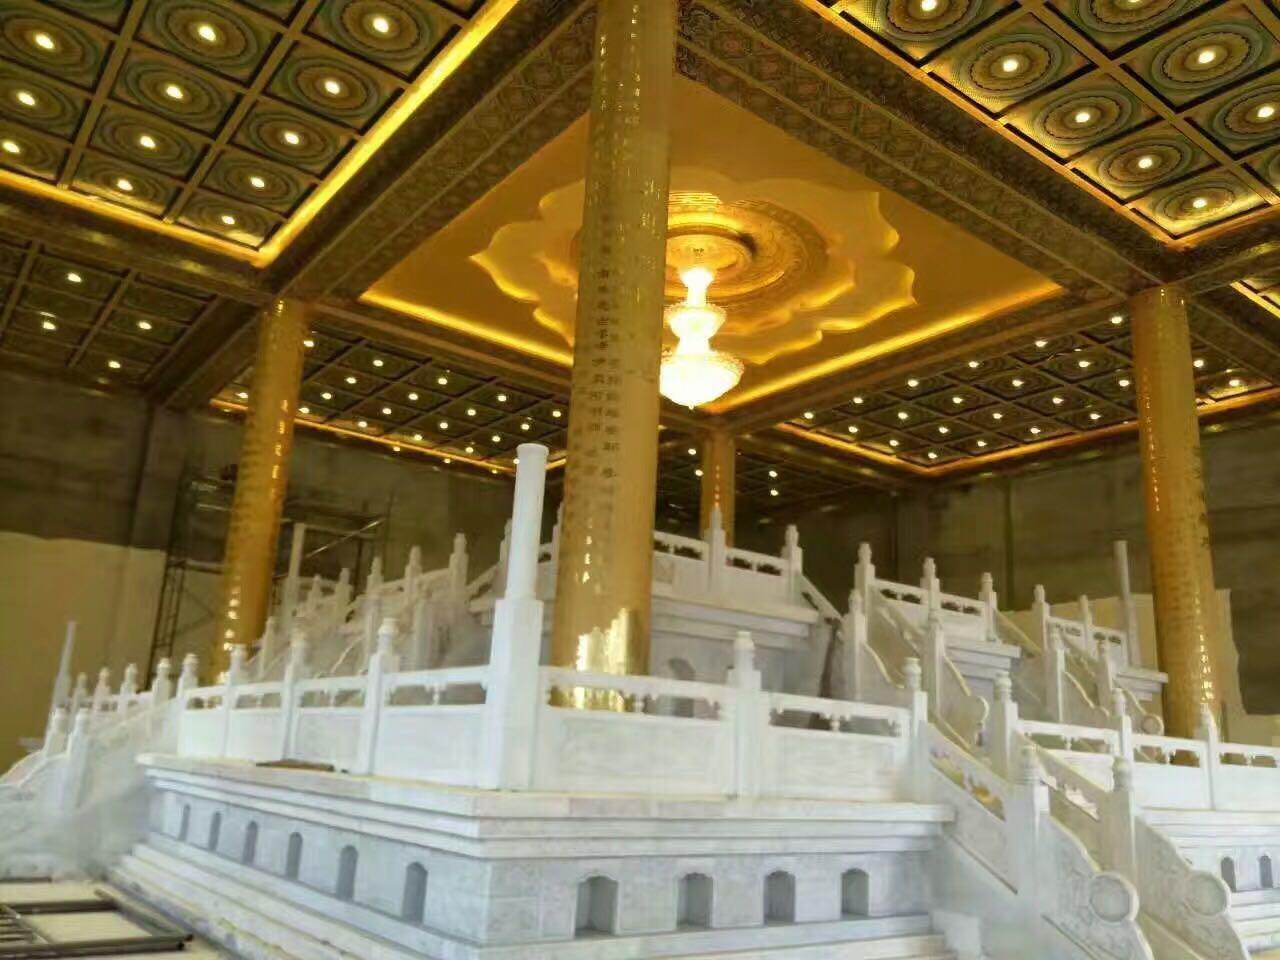 古建筑彩绘吊顶寺庙天花禅修新中式天花吊顶佛堂藻井